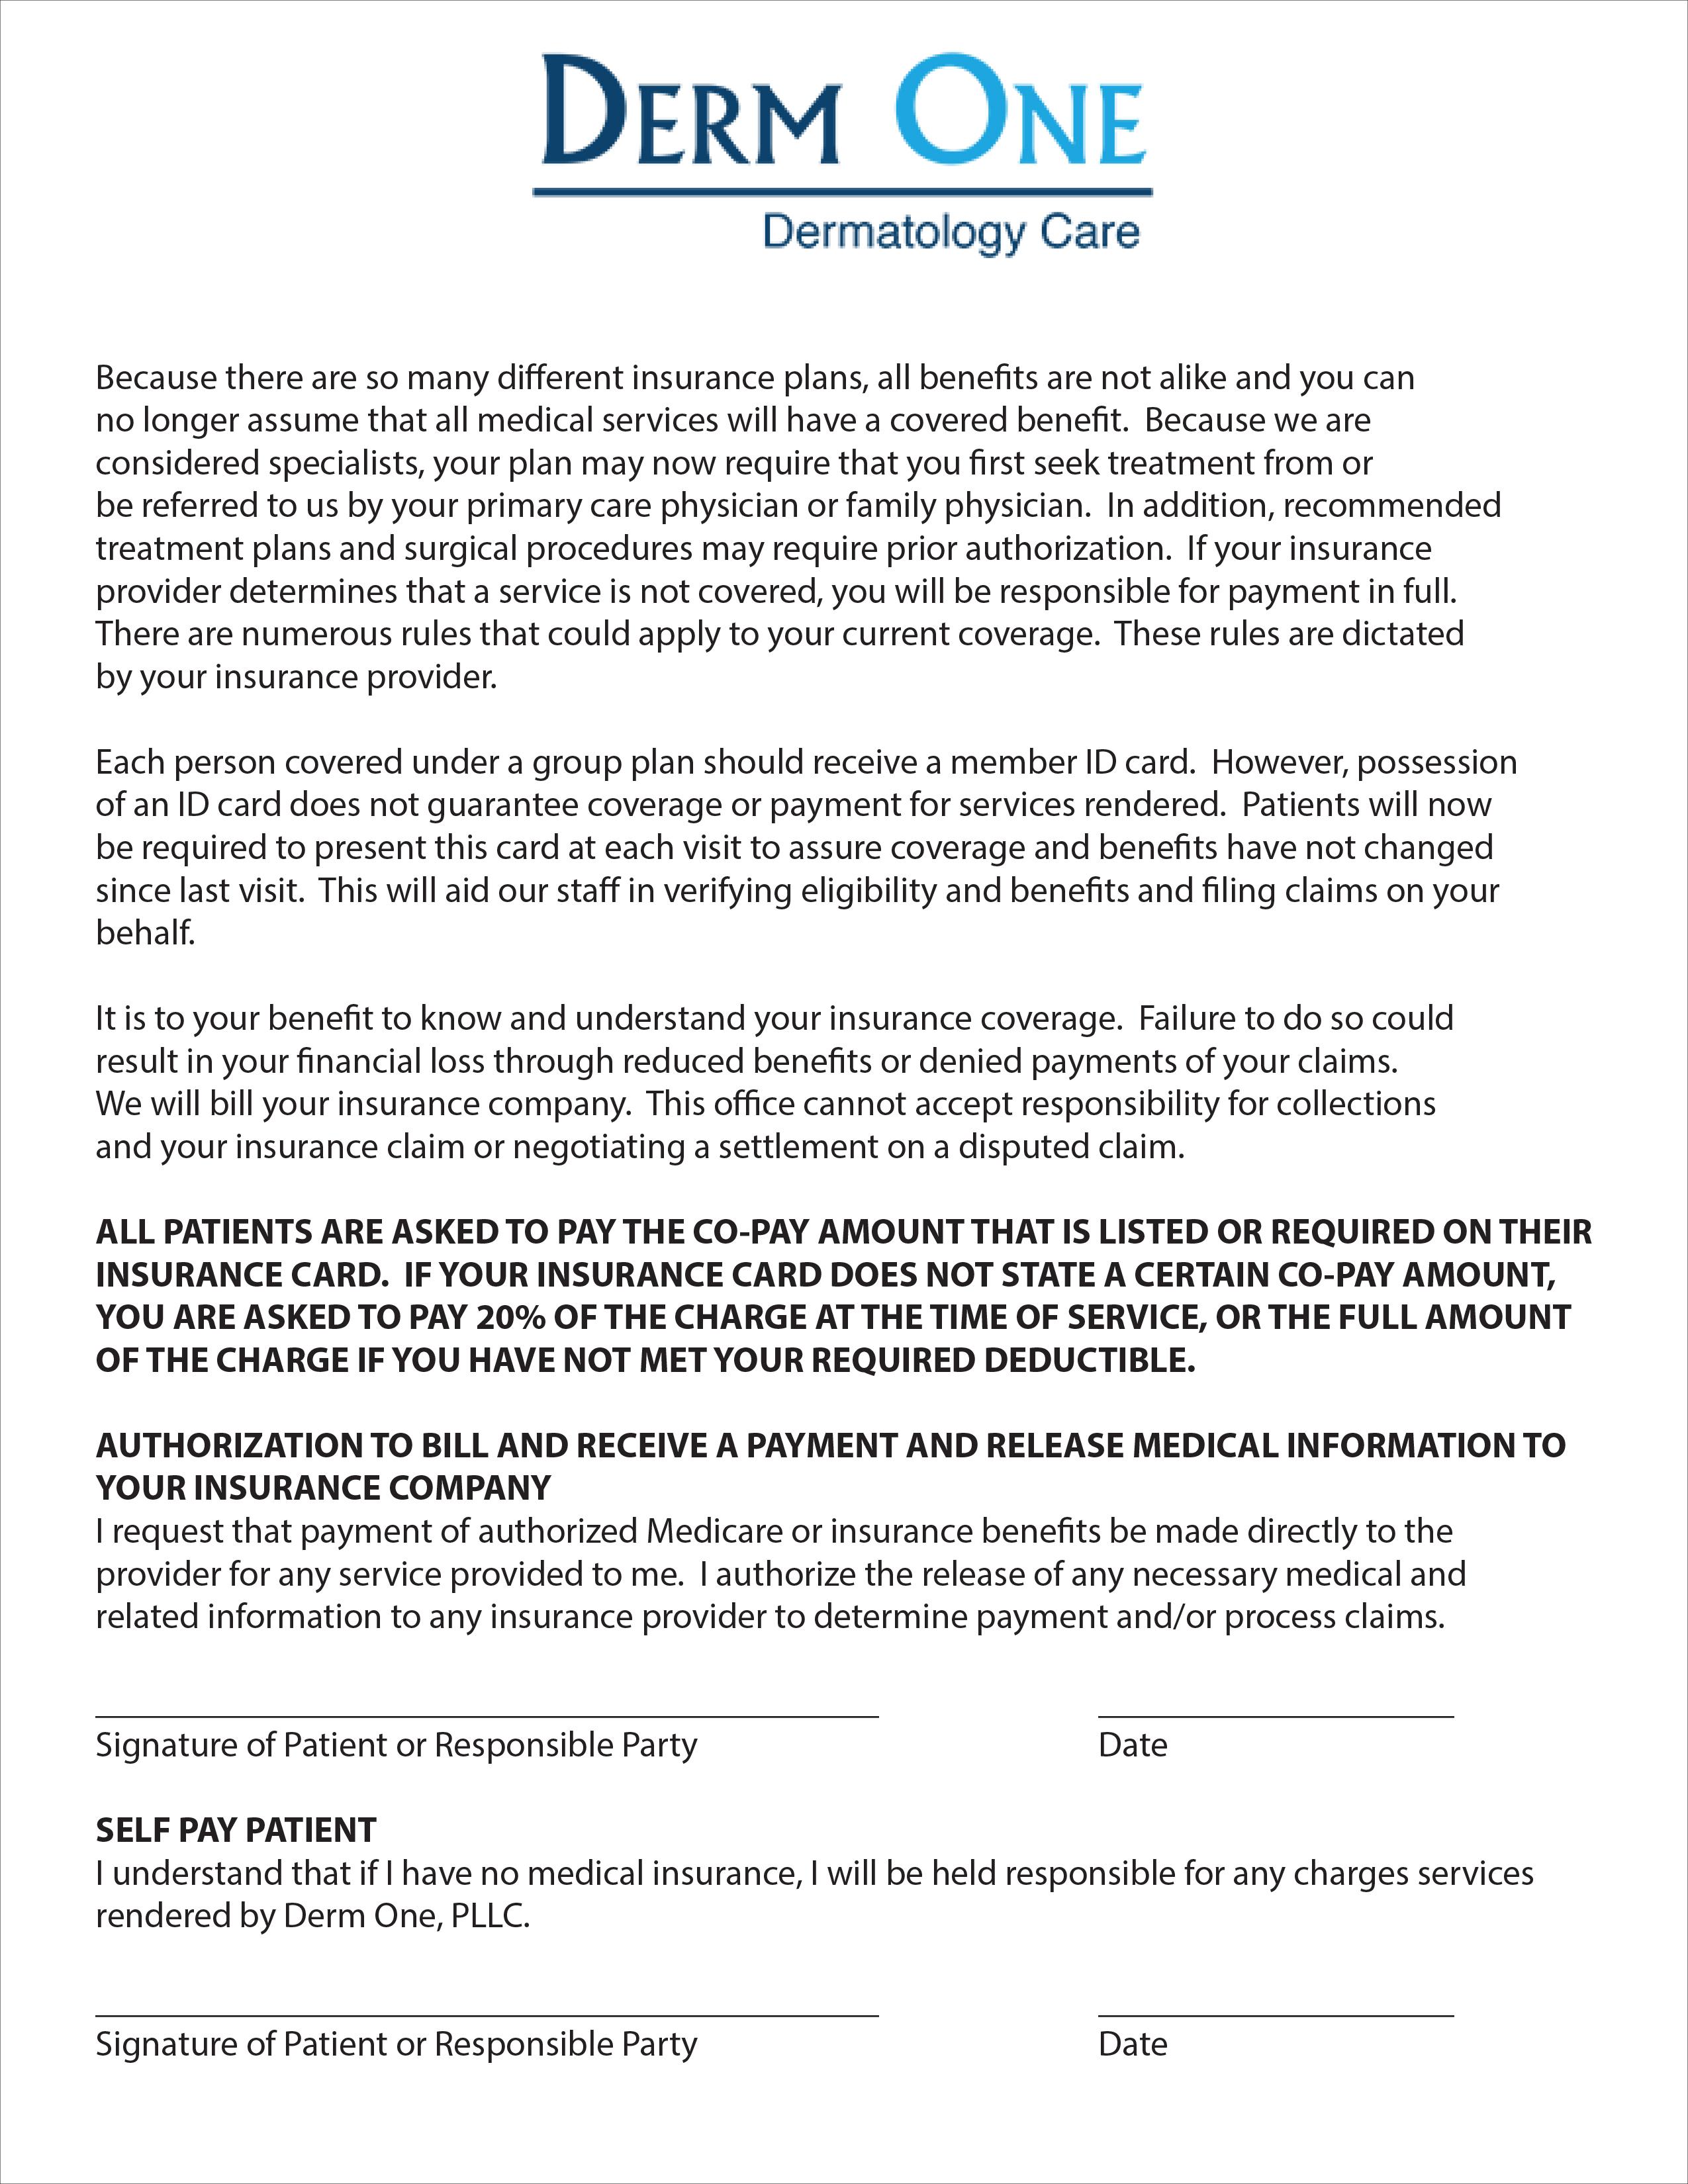 New Patient Paperwork – Derm One, PLLC